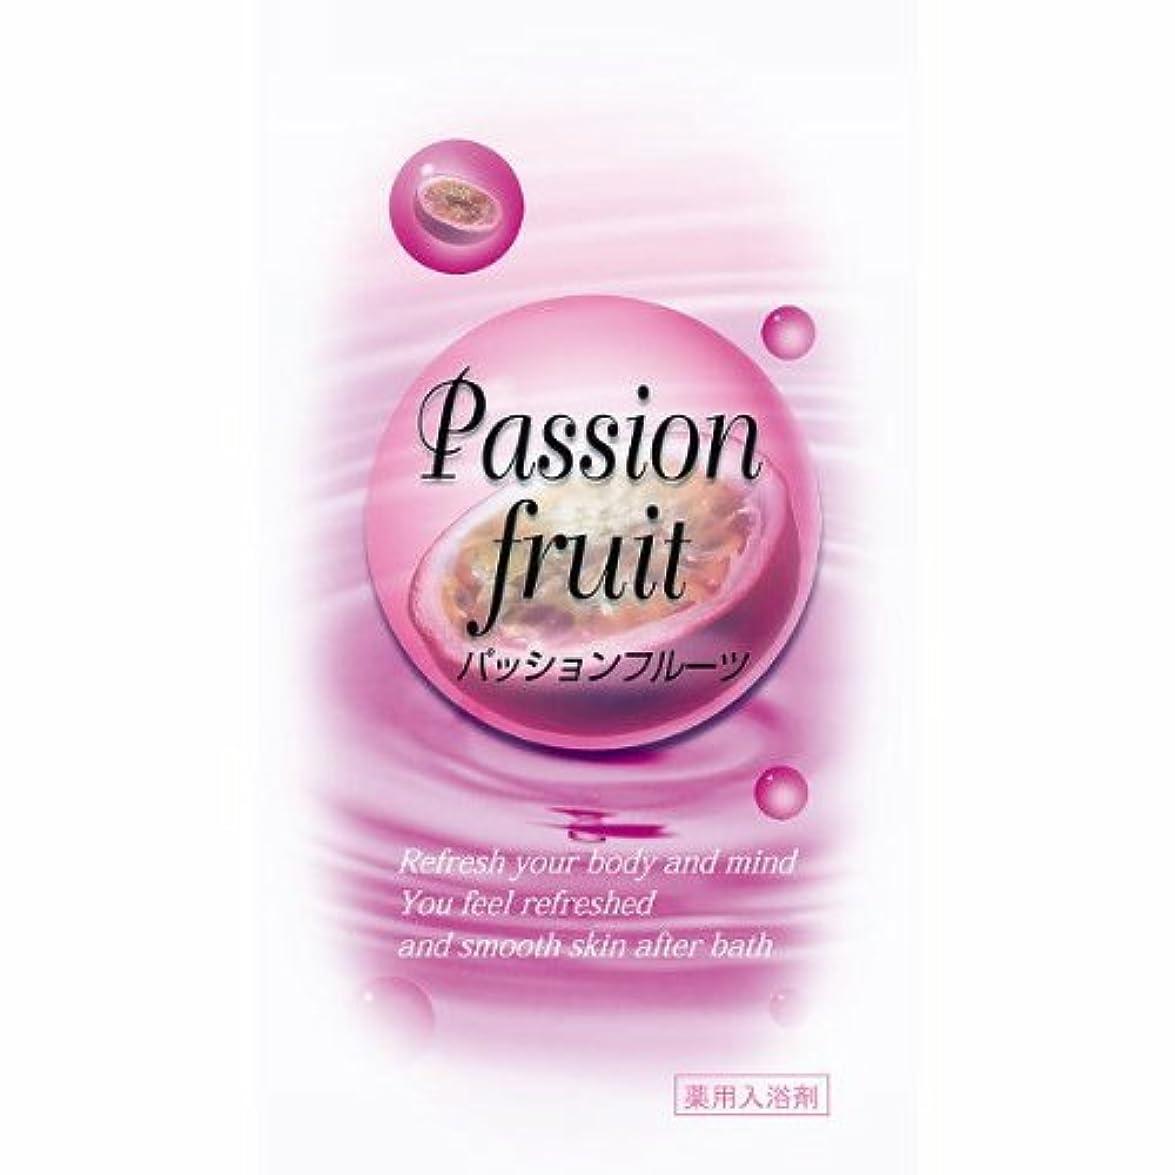 道路一掃するによってトプラン入浴剤 パッションフルーツの香り